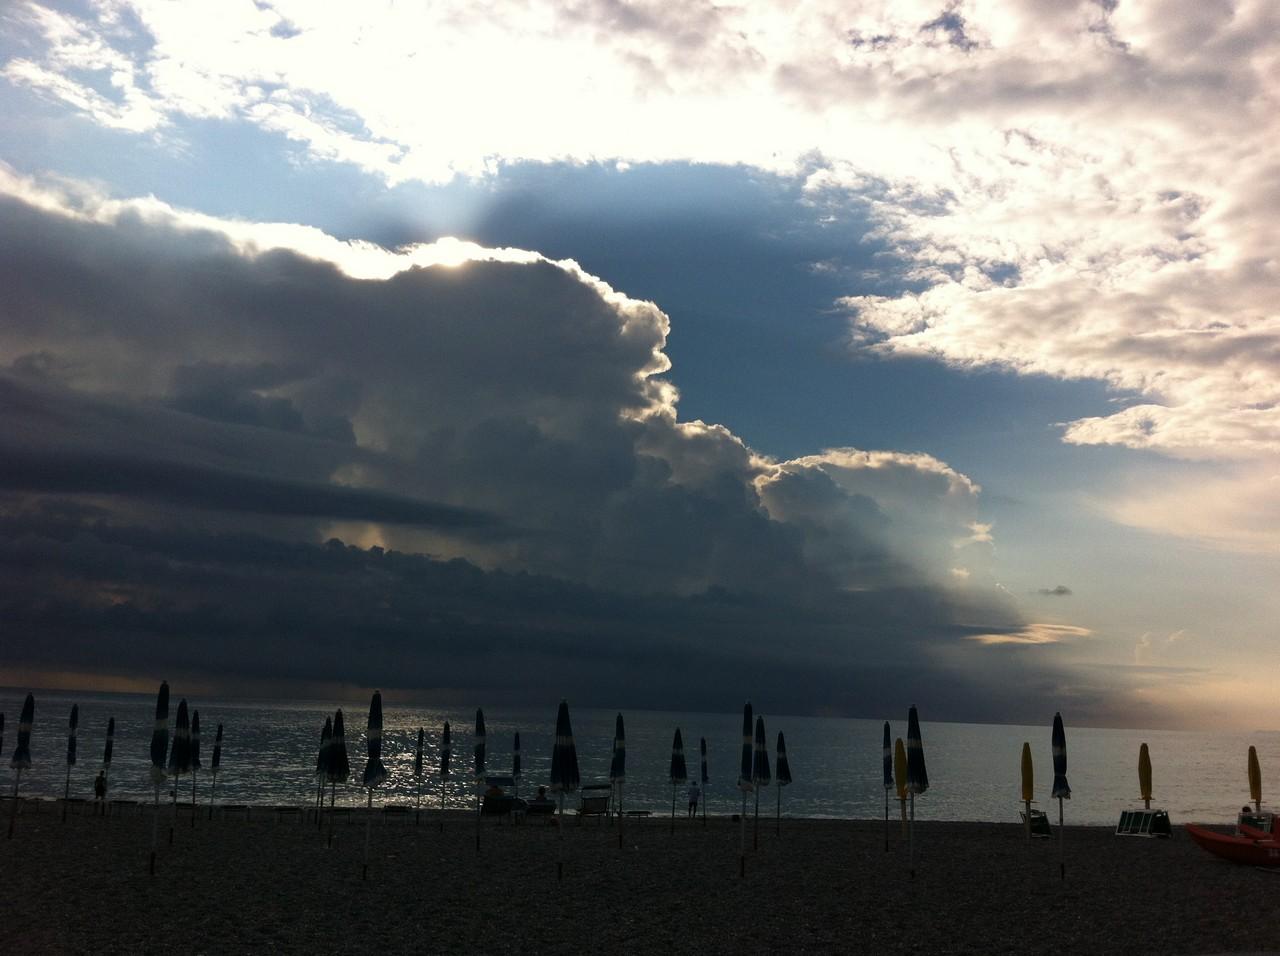 meteo di lunedì e martedì: variabilità a tratti instabile